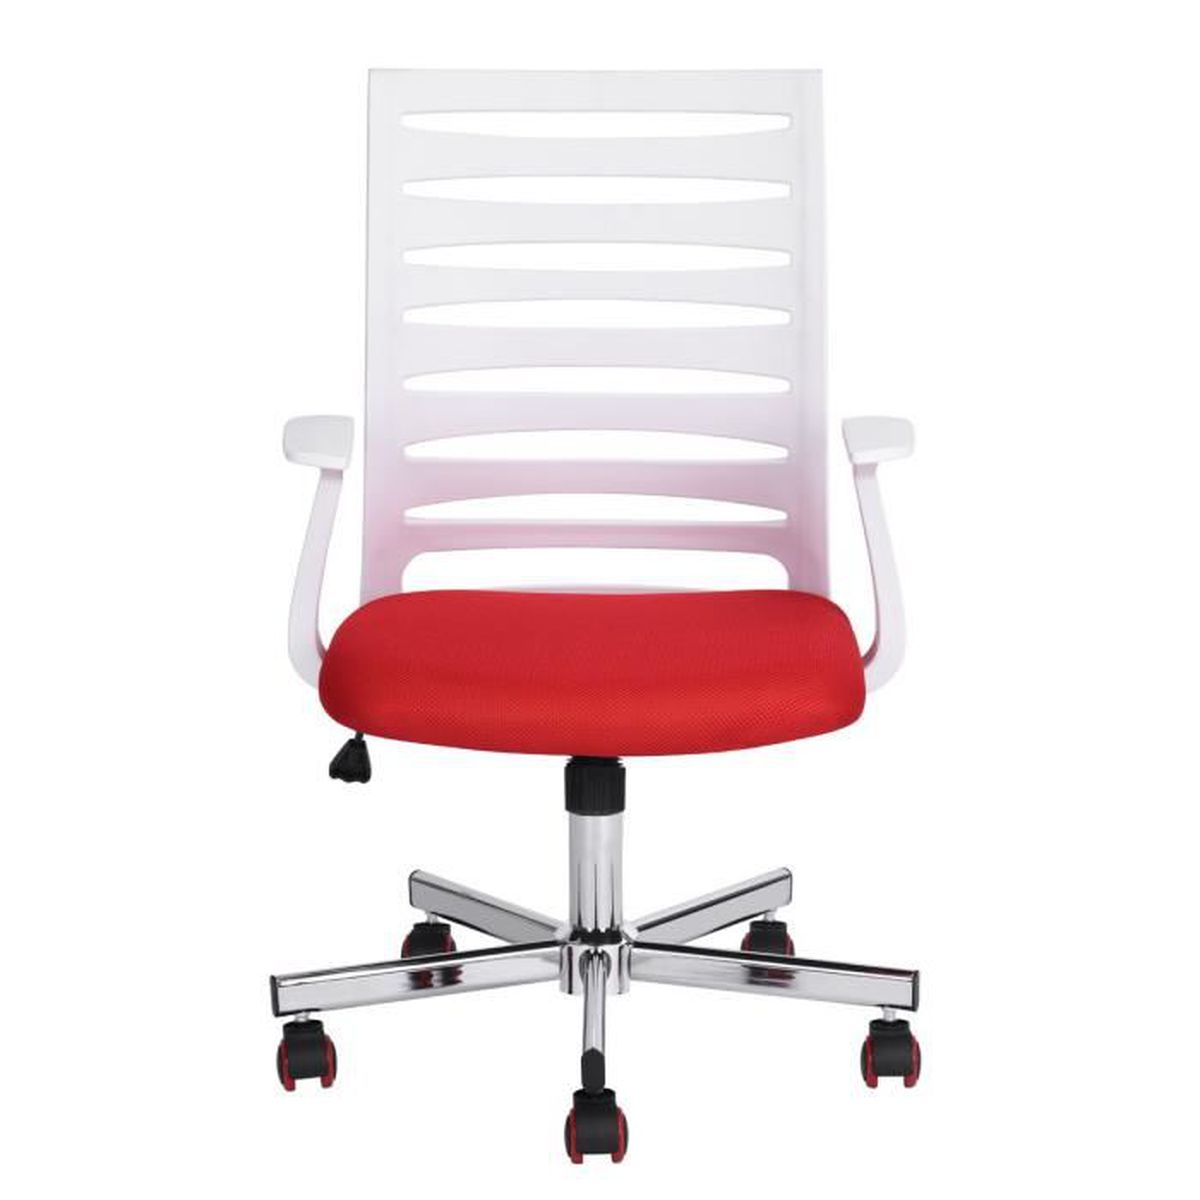 Comment Nettoyer Des Chaises En Plastique Blanc fauteuil de bureau rouge/blanc réglable roulant plastique